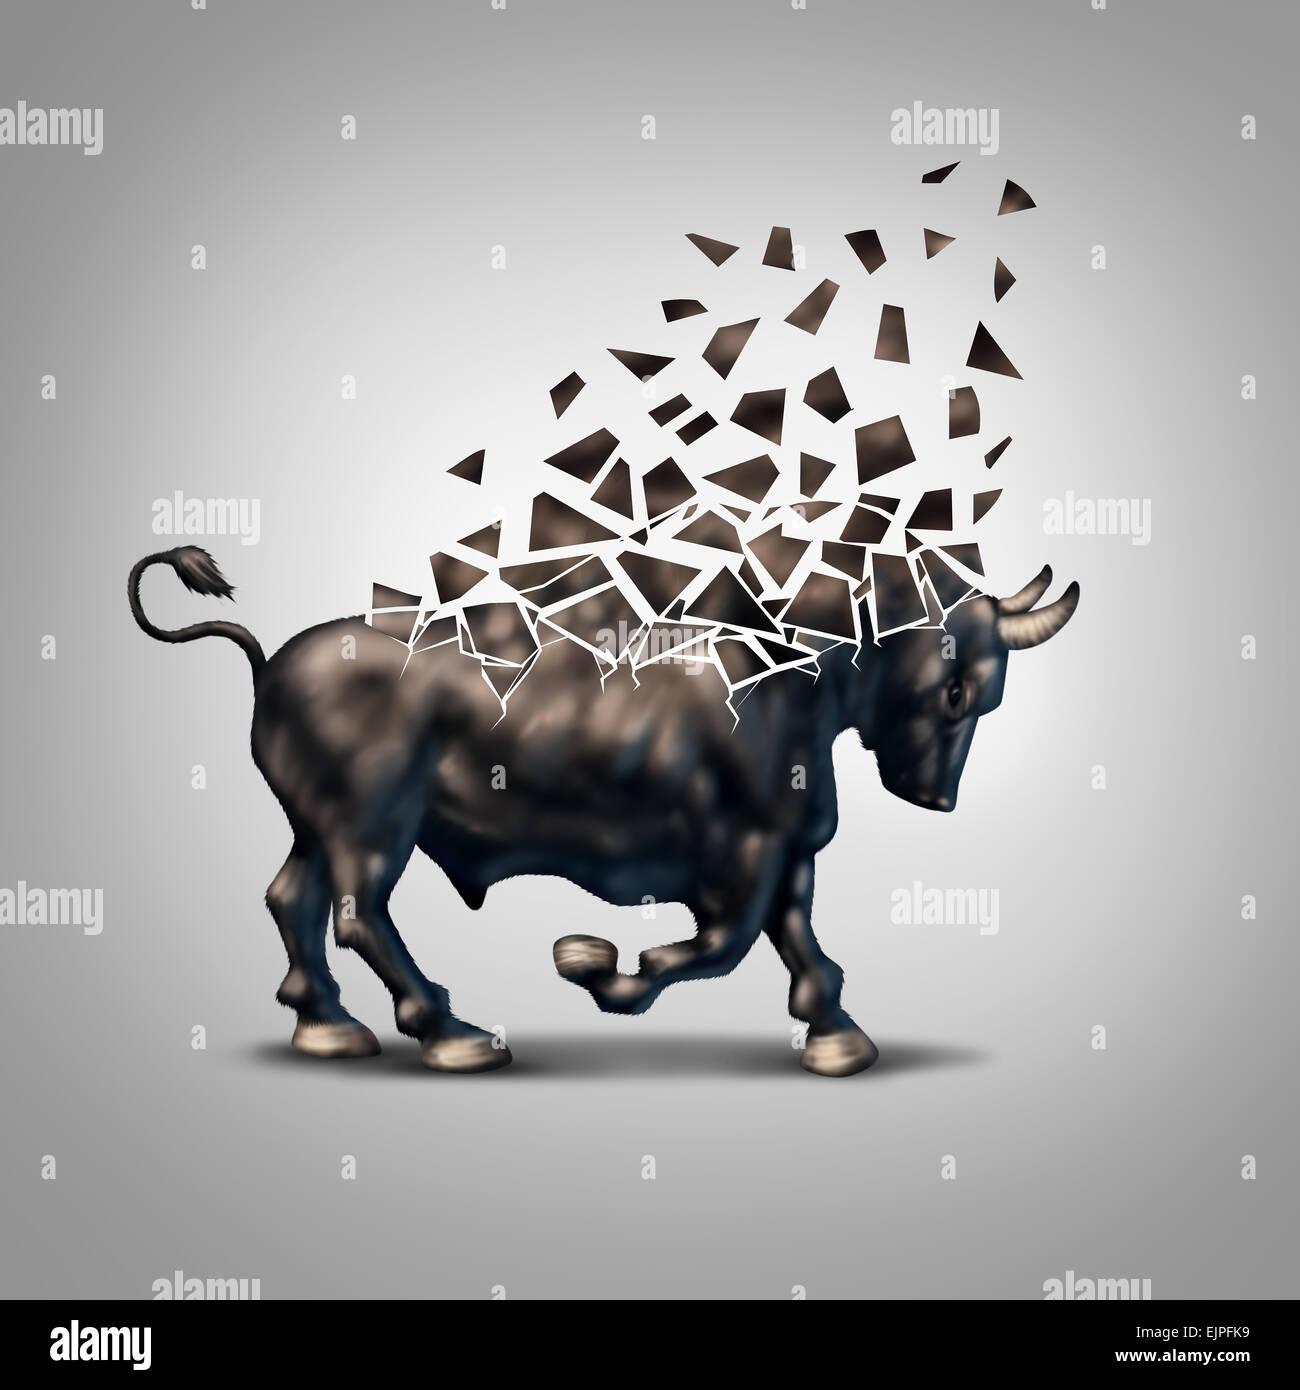 Crise financière des bull fragile comme un symbole concept économique pour l'effondrement des prévisions Photo Stock